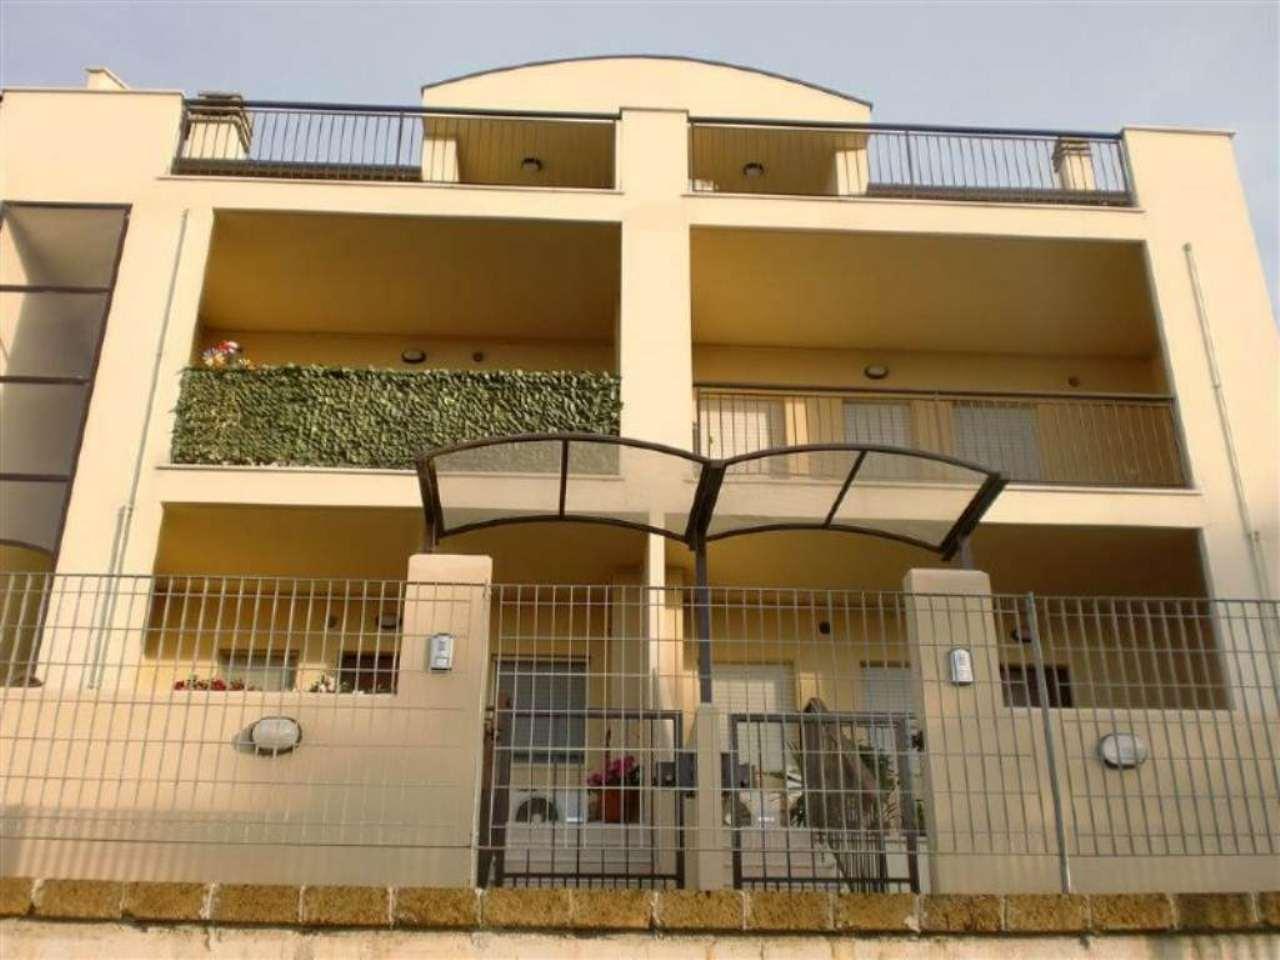 Attico / Mansarda in affitto a Montesilvano, 4 locali, prezzo € 600 | Cambio Casa.it